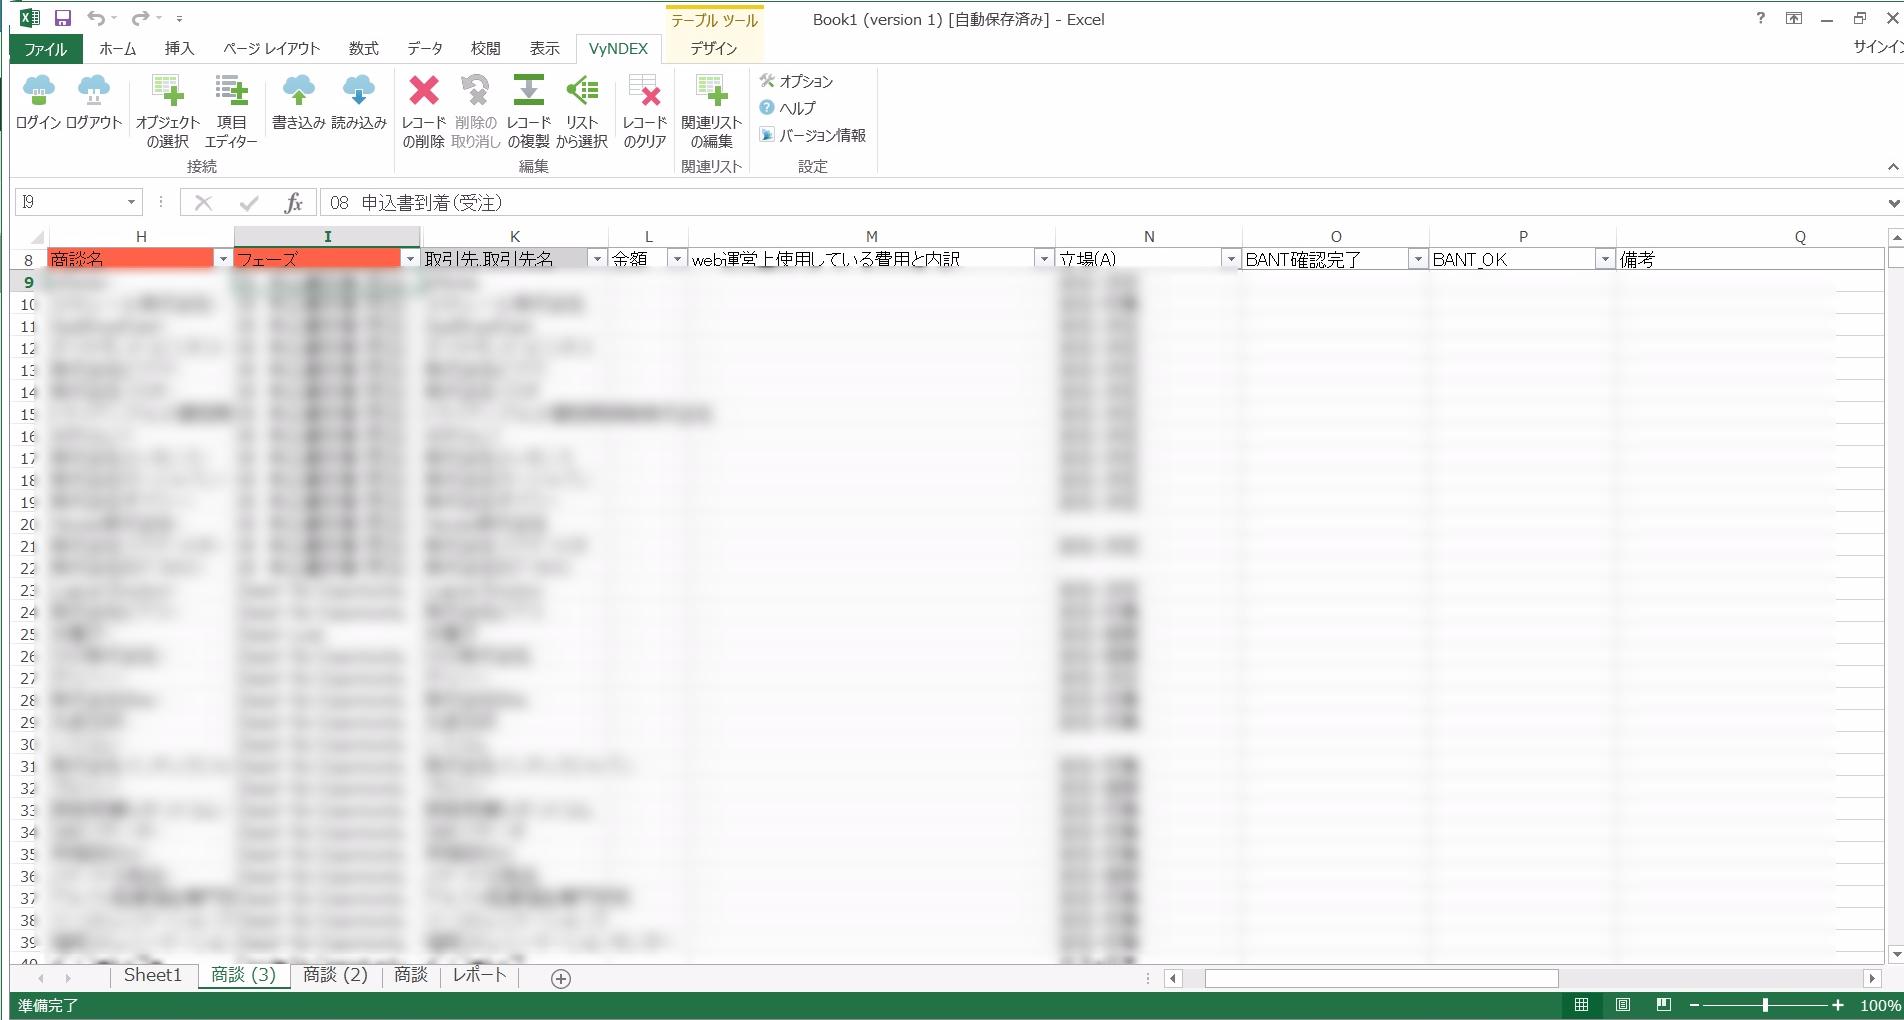 データエクスポート画面.png